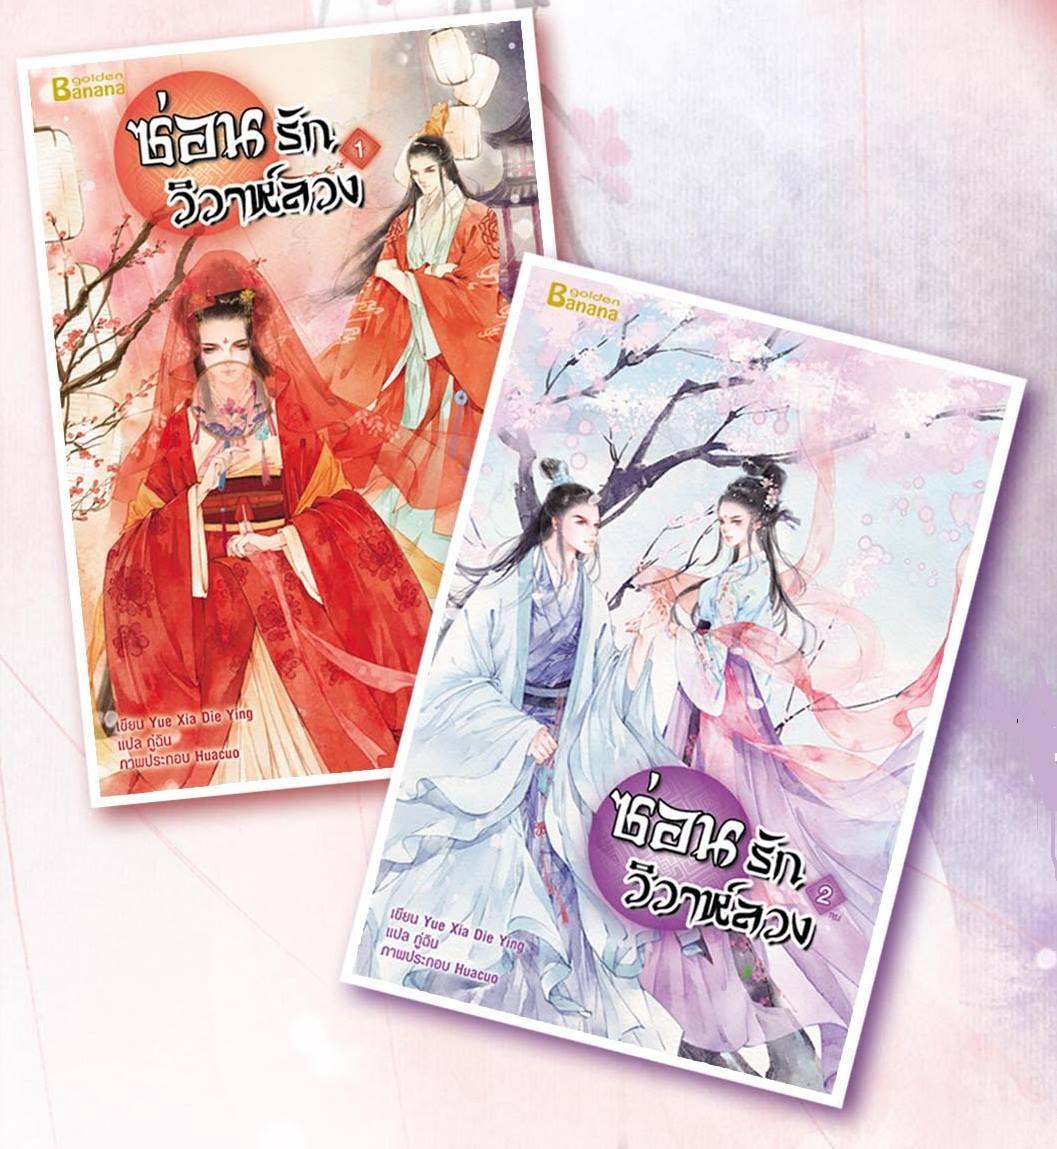 ซ่อนรักวิวาห์ลวง By Yue Xia Die Ying เล่ม 1 มัดจำ 300 ค่าเช่า 60b.